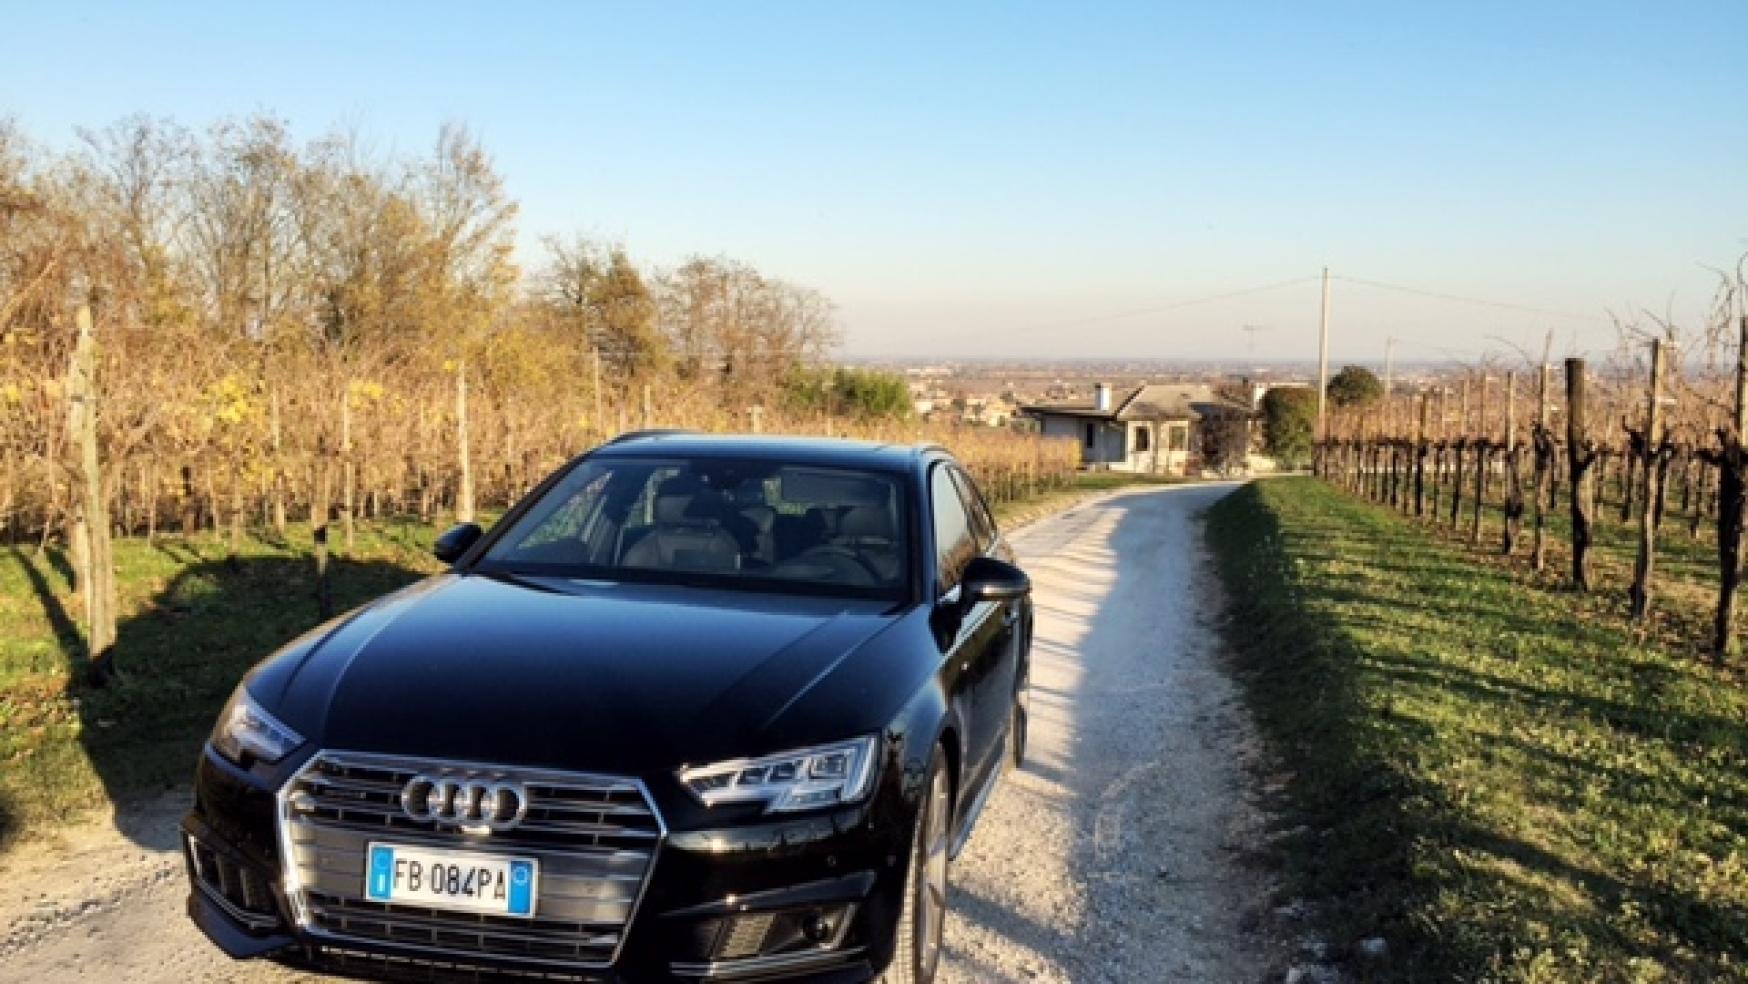 Le novità in casa Audi: A4 e A4 Avant